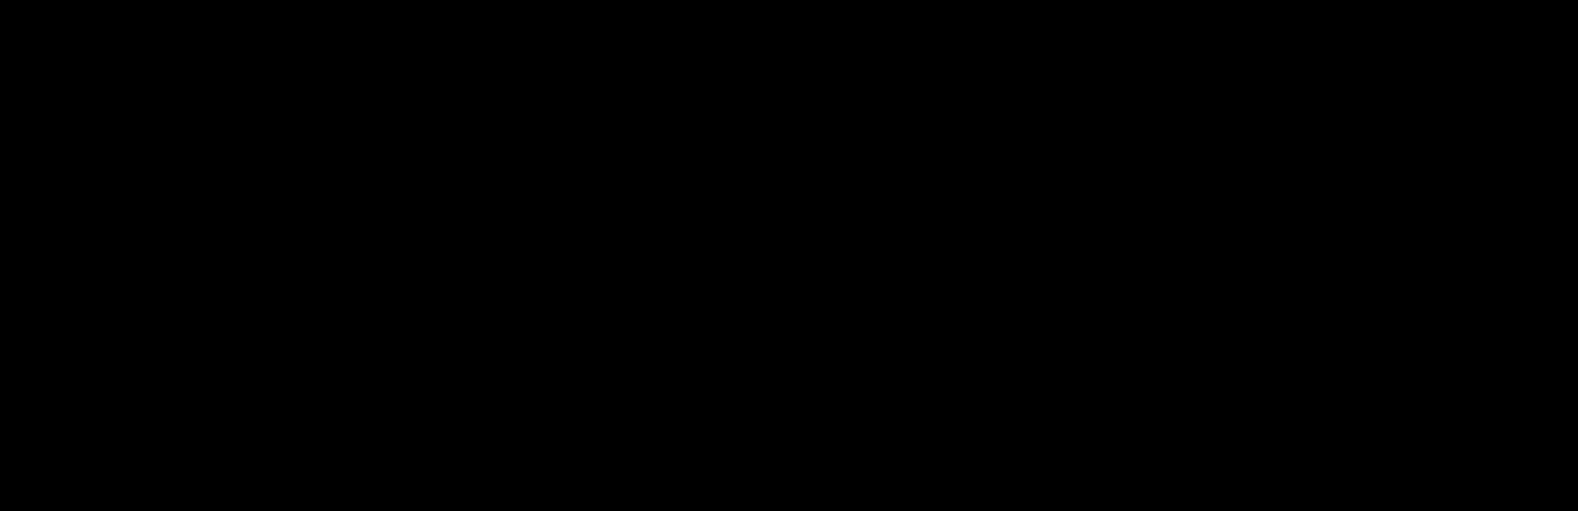 Komplexitaetskosten_gemeinkosten_tabelle